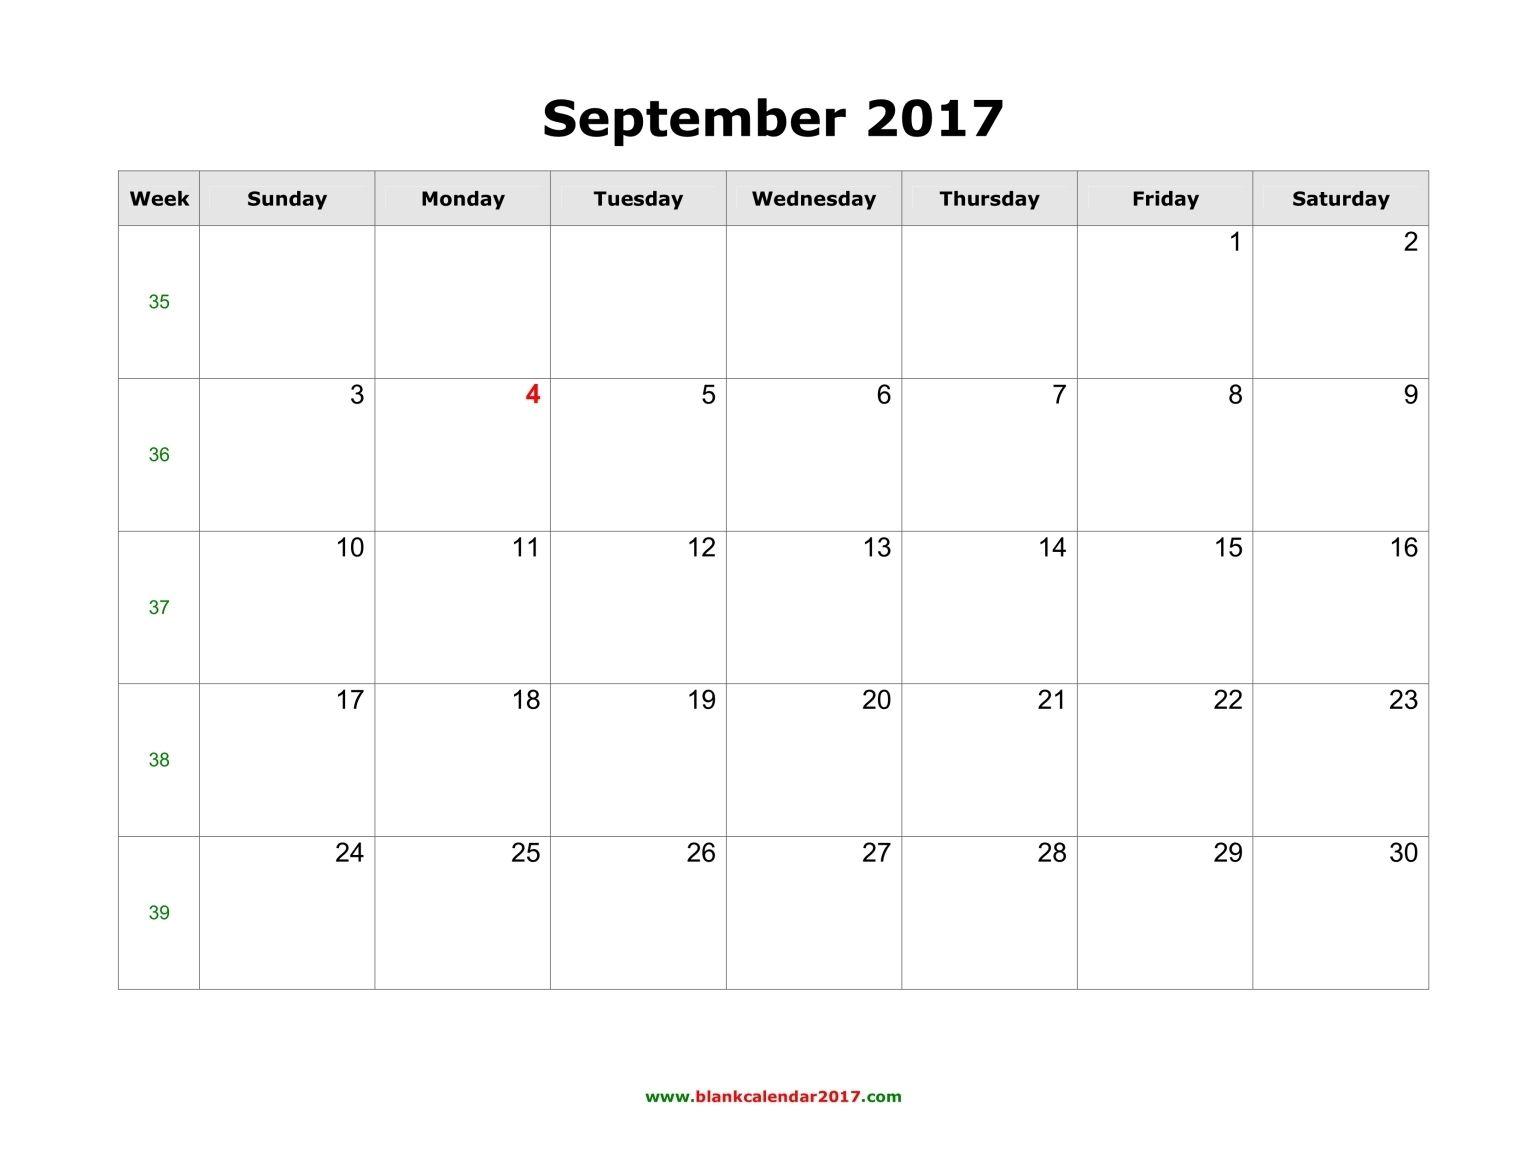 September 2017 Calendar Http Socialebuzz Com September 2017